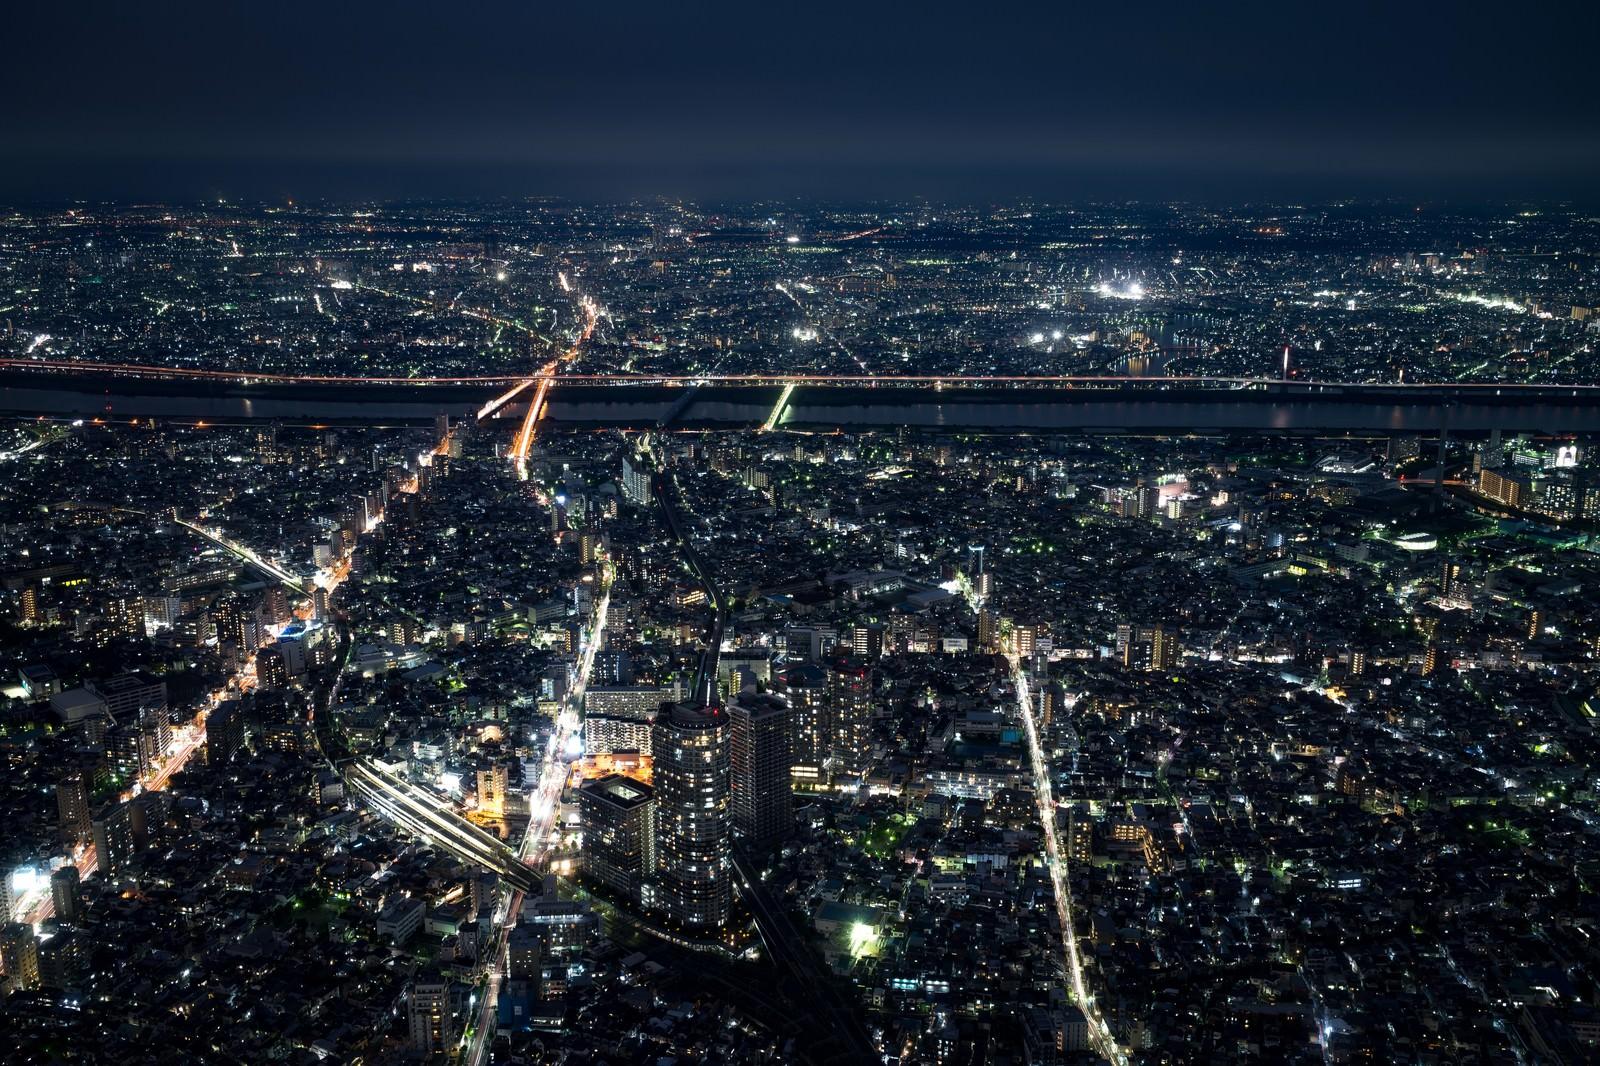 「都会の夜景」の写真